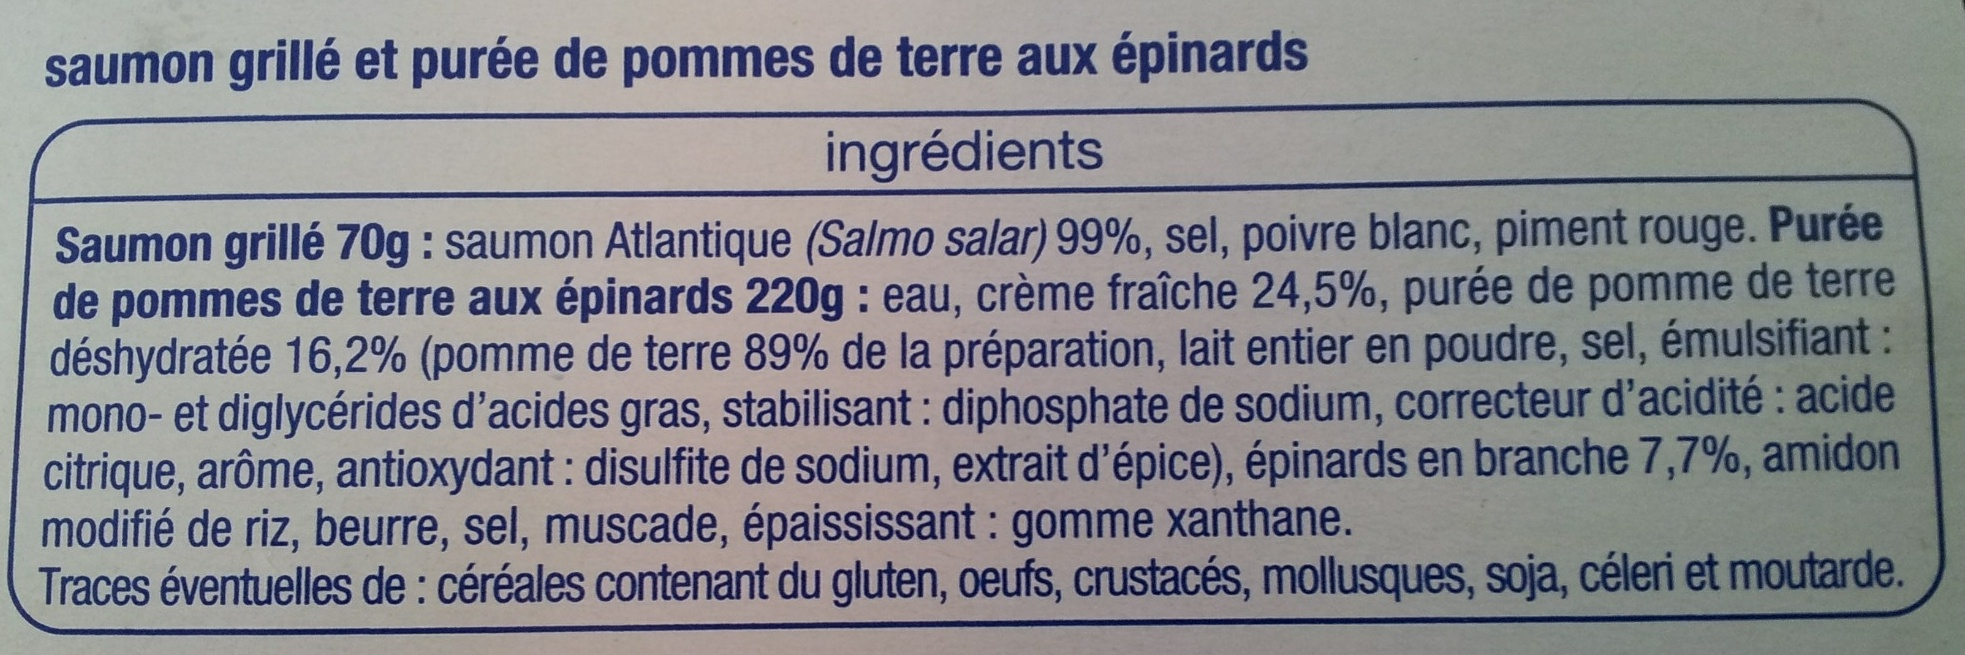 Saumon grillé et purée de pommes de terre aux épinards - Ingredienti - fr